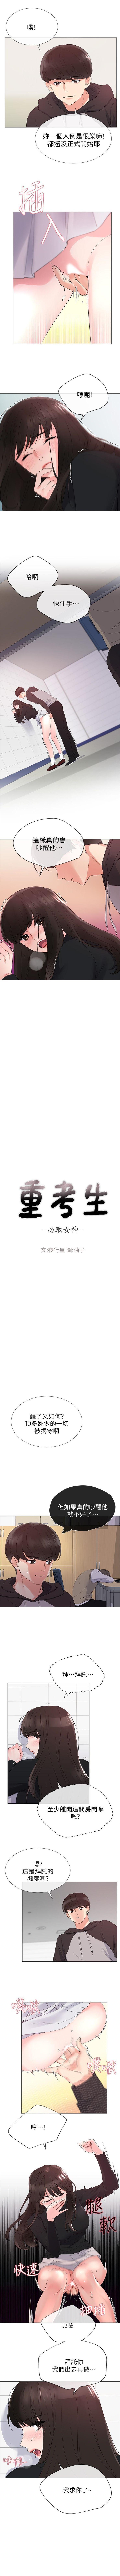 重考生 1-44 中文翻译(更新中) 163